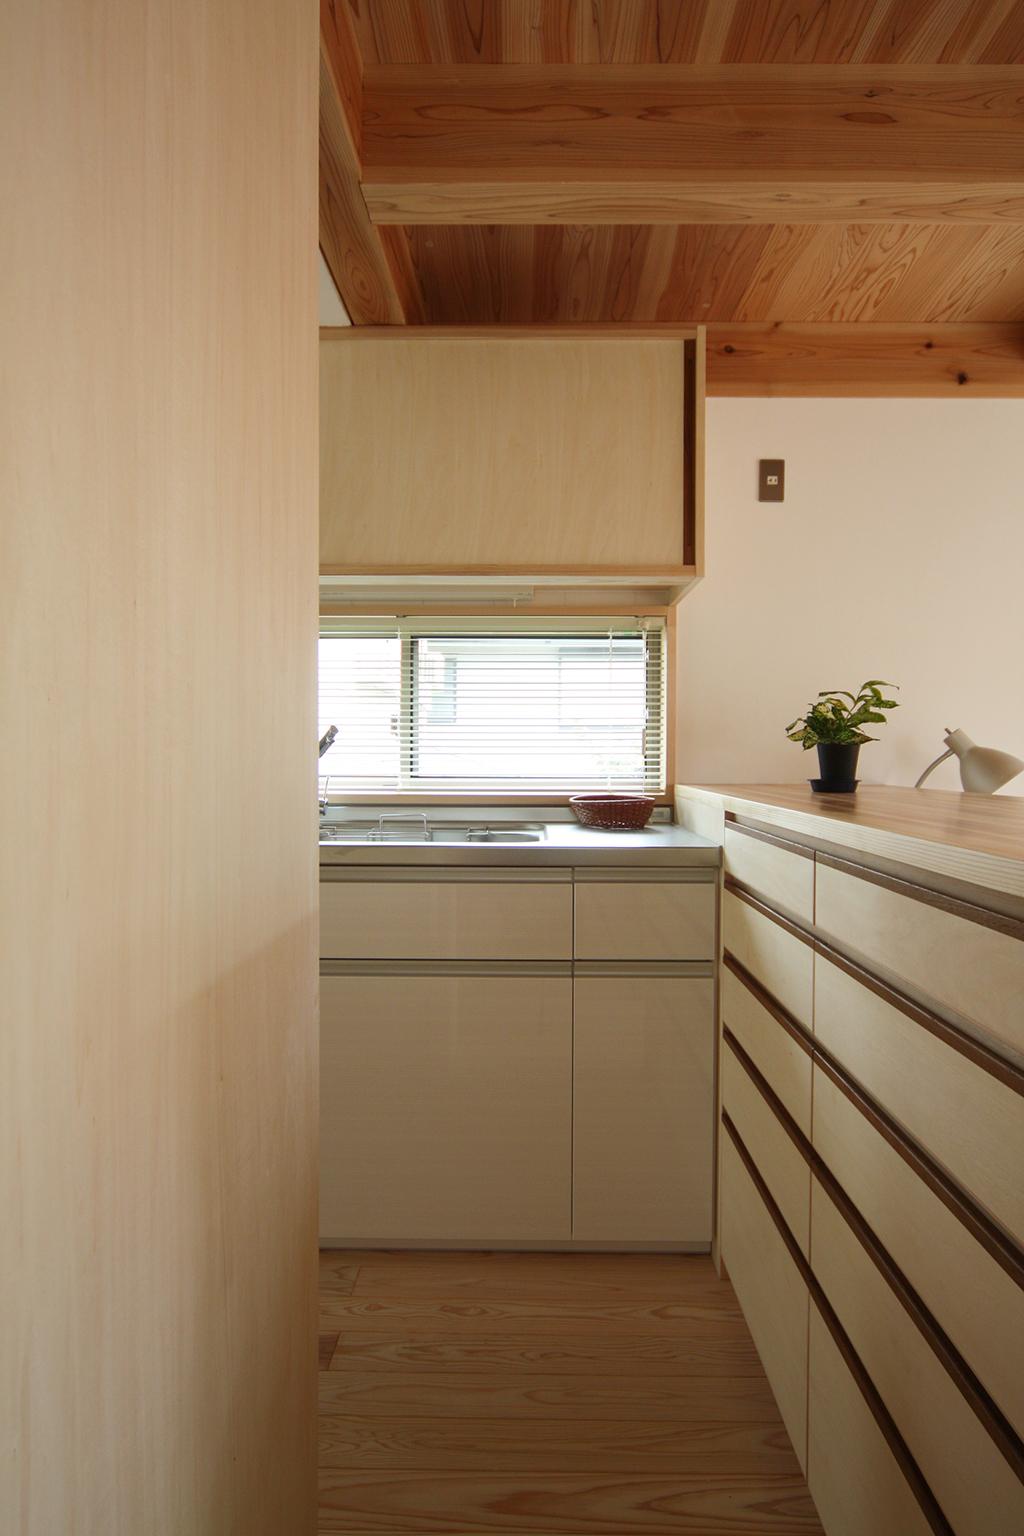 芦屋市の木の家 カウンター収納のあるキッチン